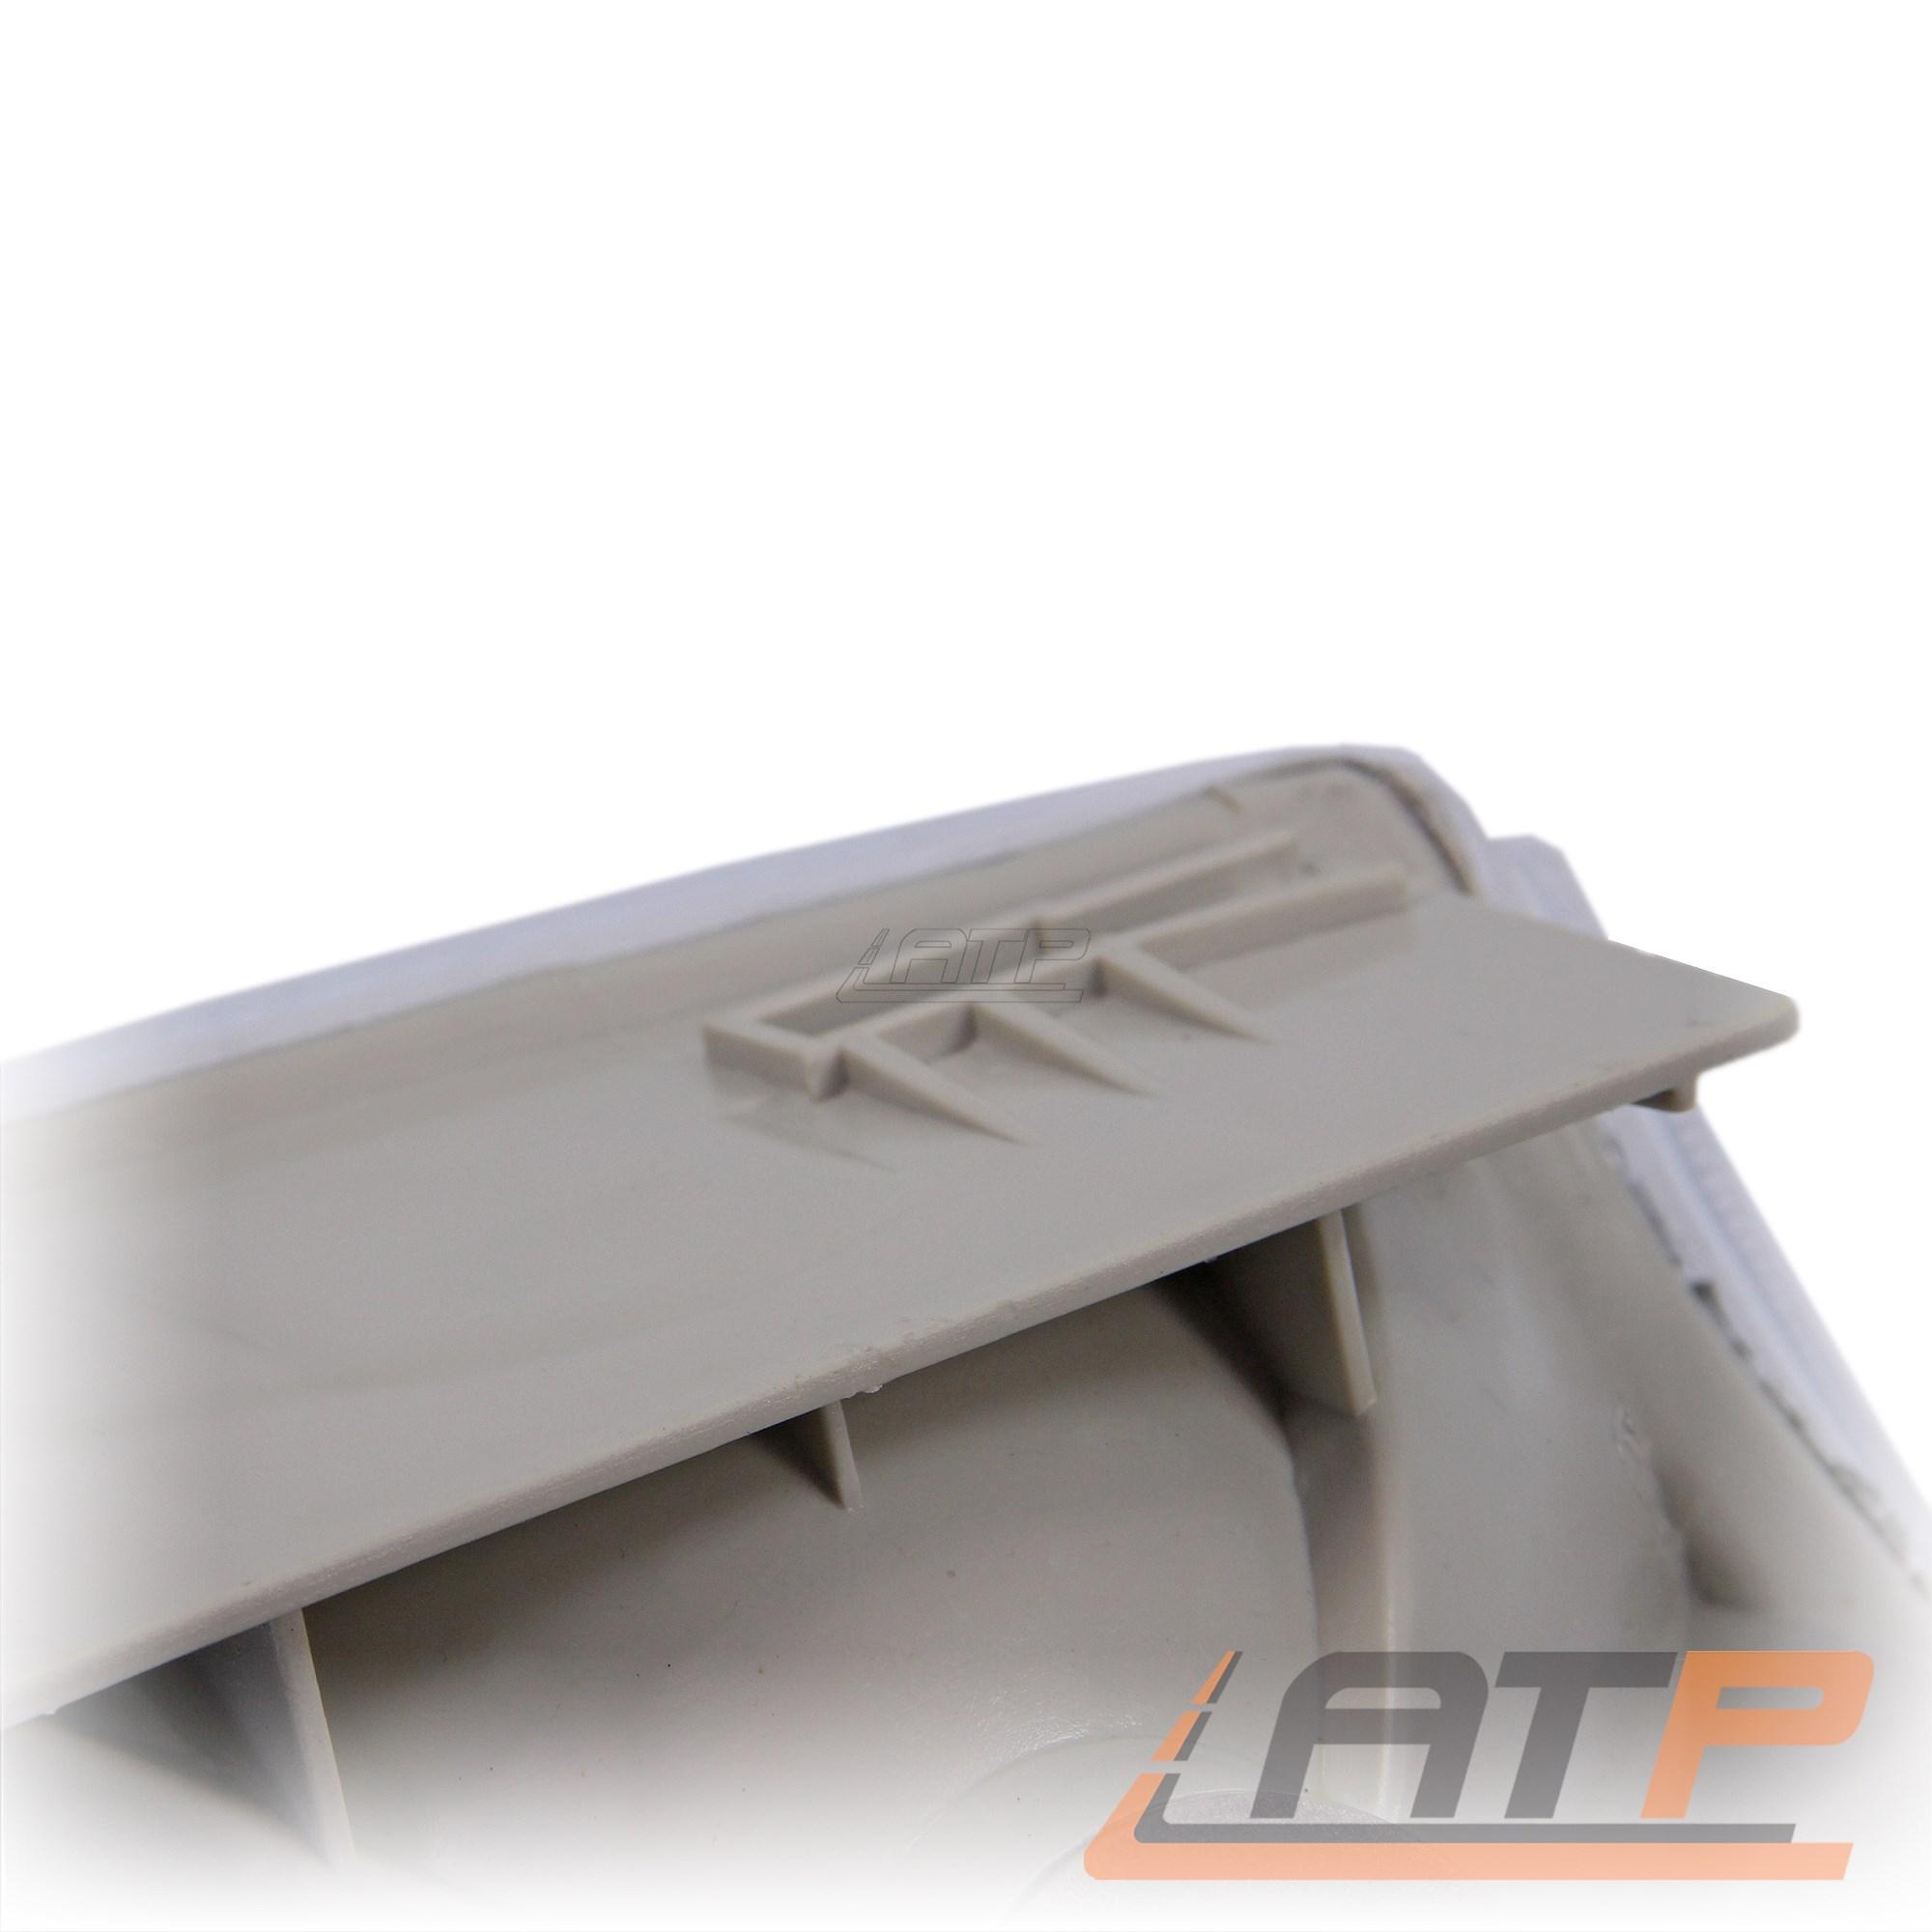 2x clignotant blanc avant gauche droite vw transporter bus t4